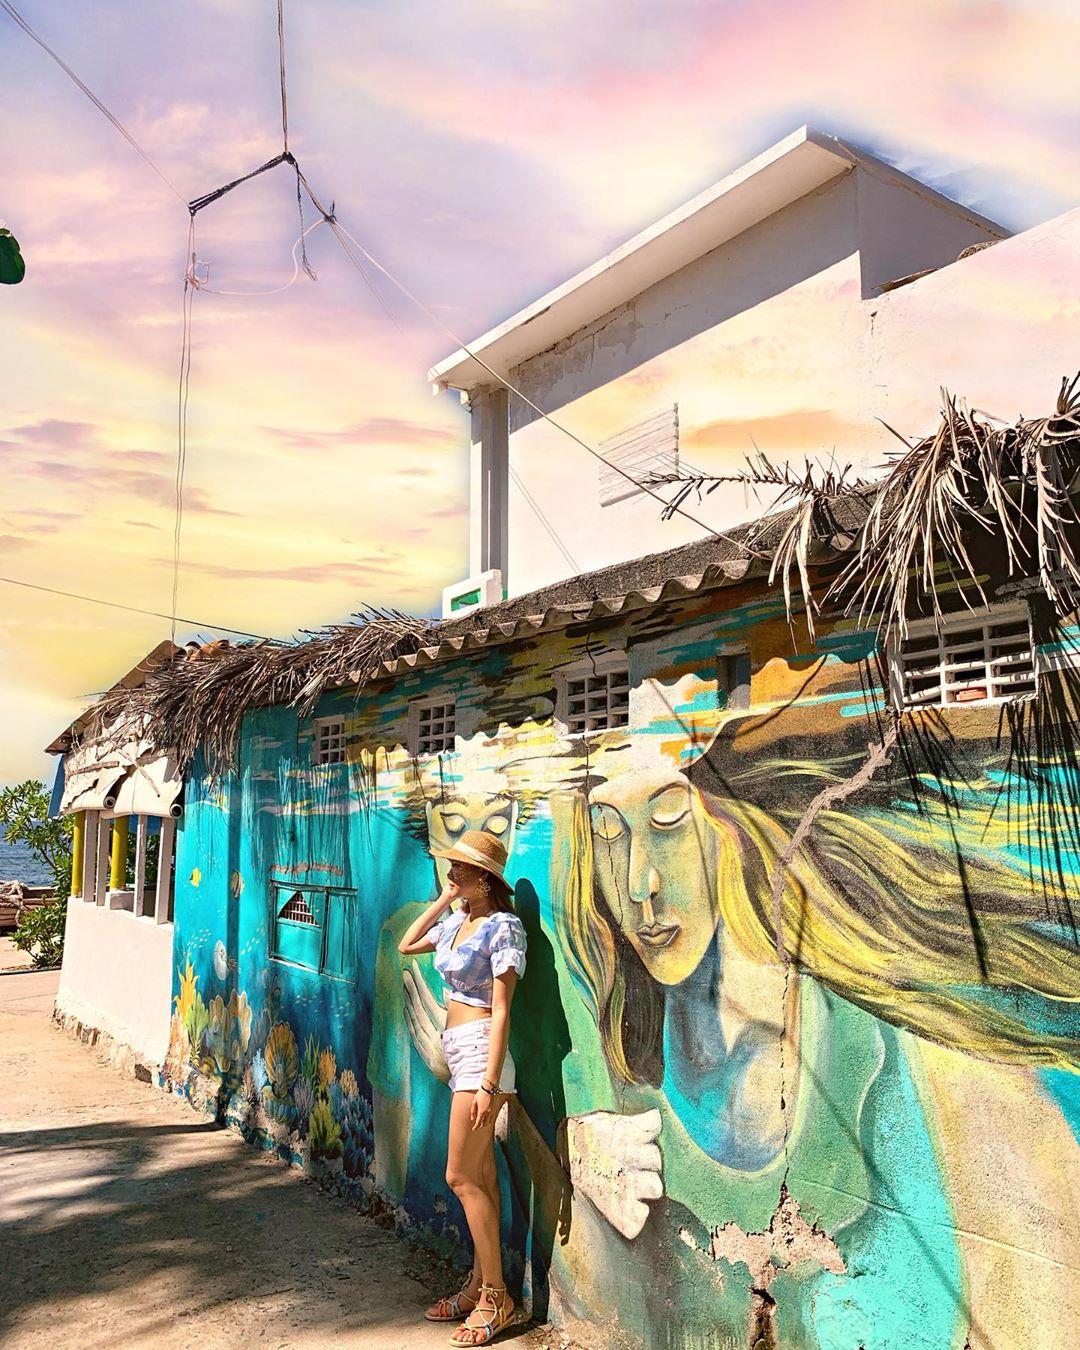 làng bích hoạ an bình lý sơn